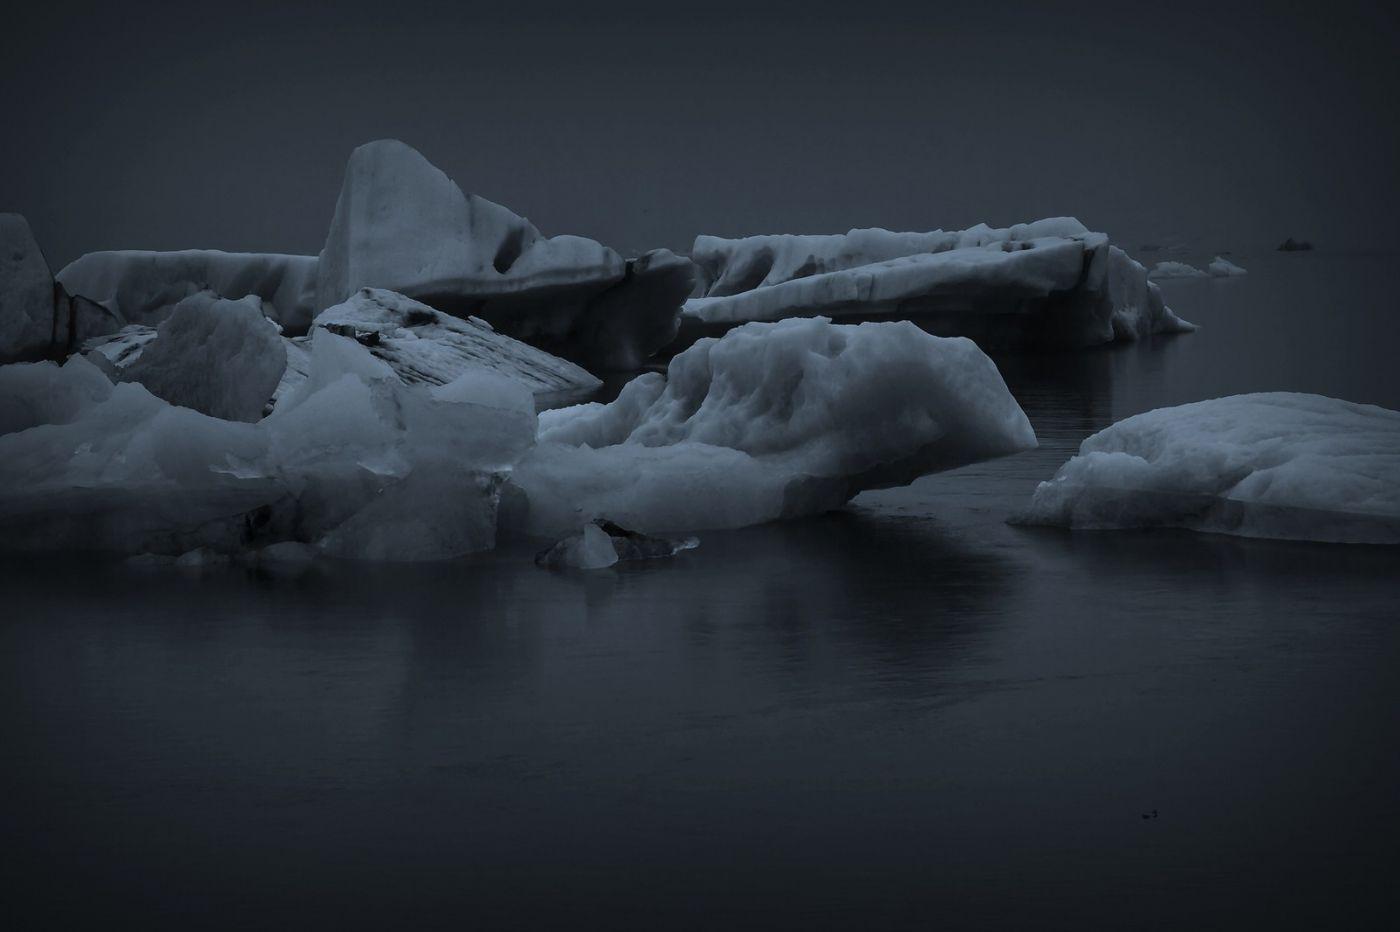 冰岛冰川泻湖(Glacier Lagoon), 湖面上冰川_图1-10